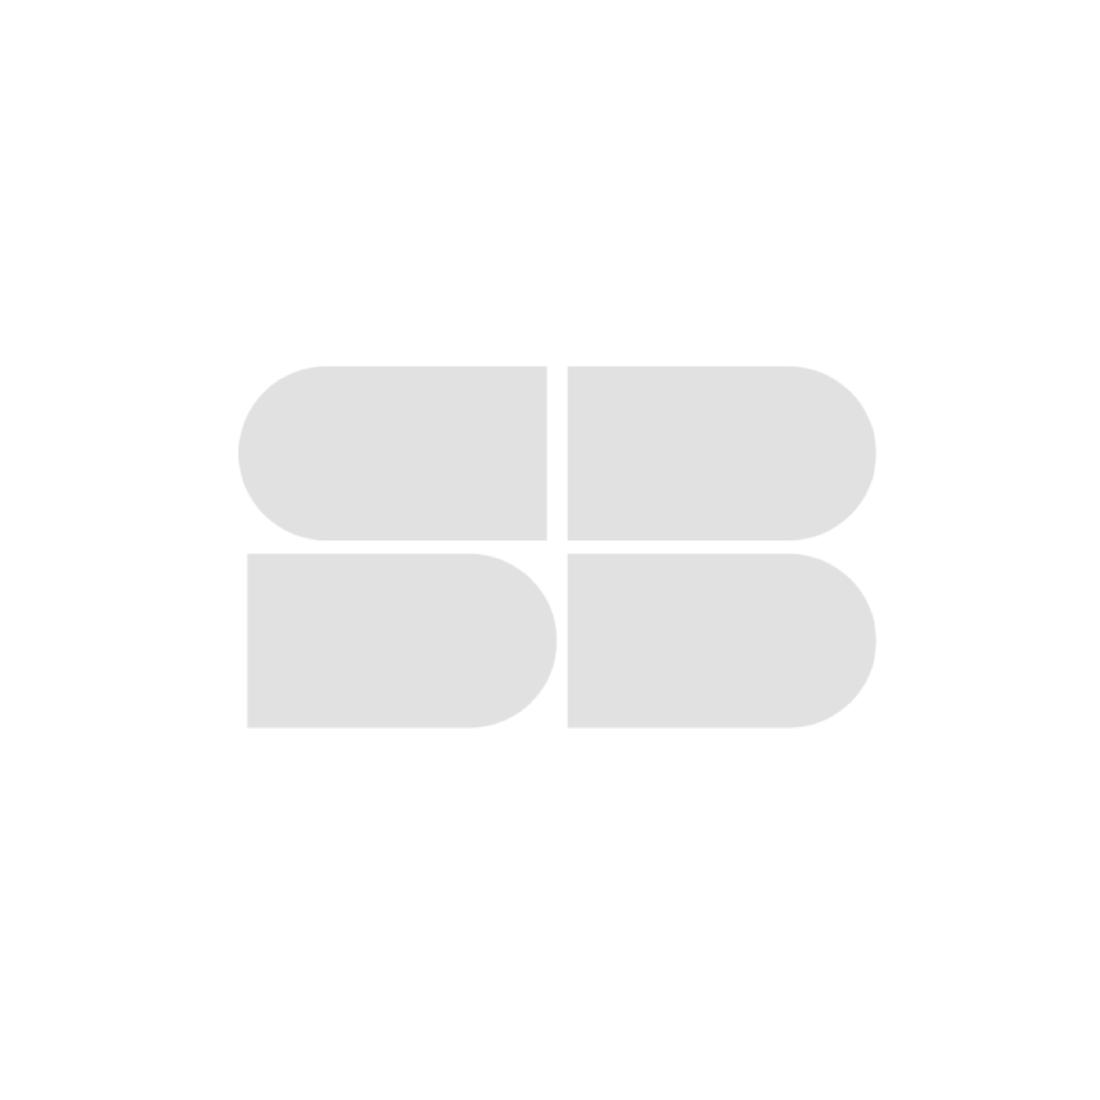 โต๊ะข้าง โต๊ะข้างเหล็กท๊อปไม้ รุ่น Yata สีสีน้ำตาล-SB Design Square